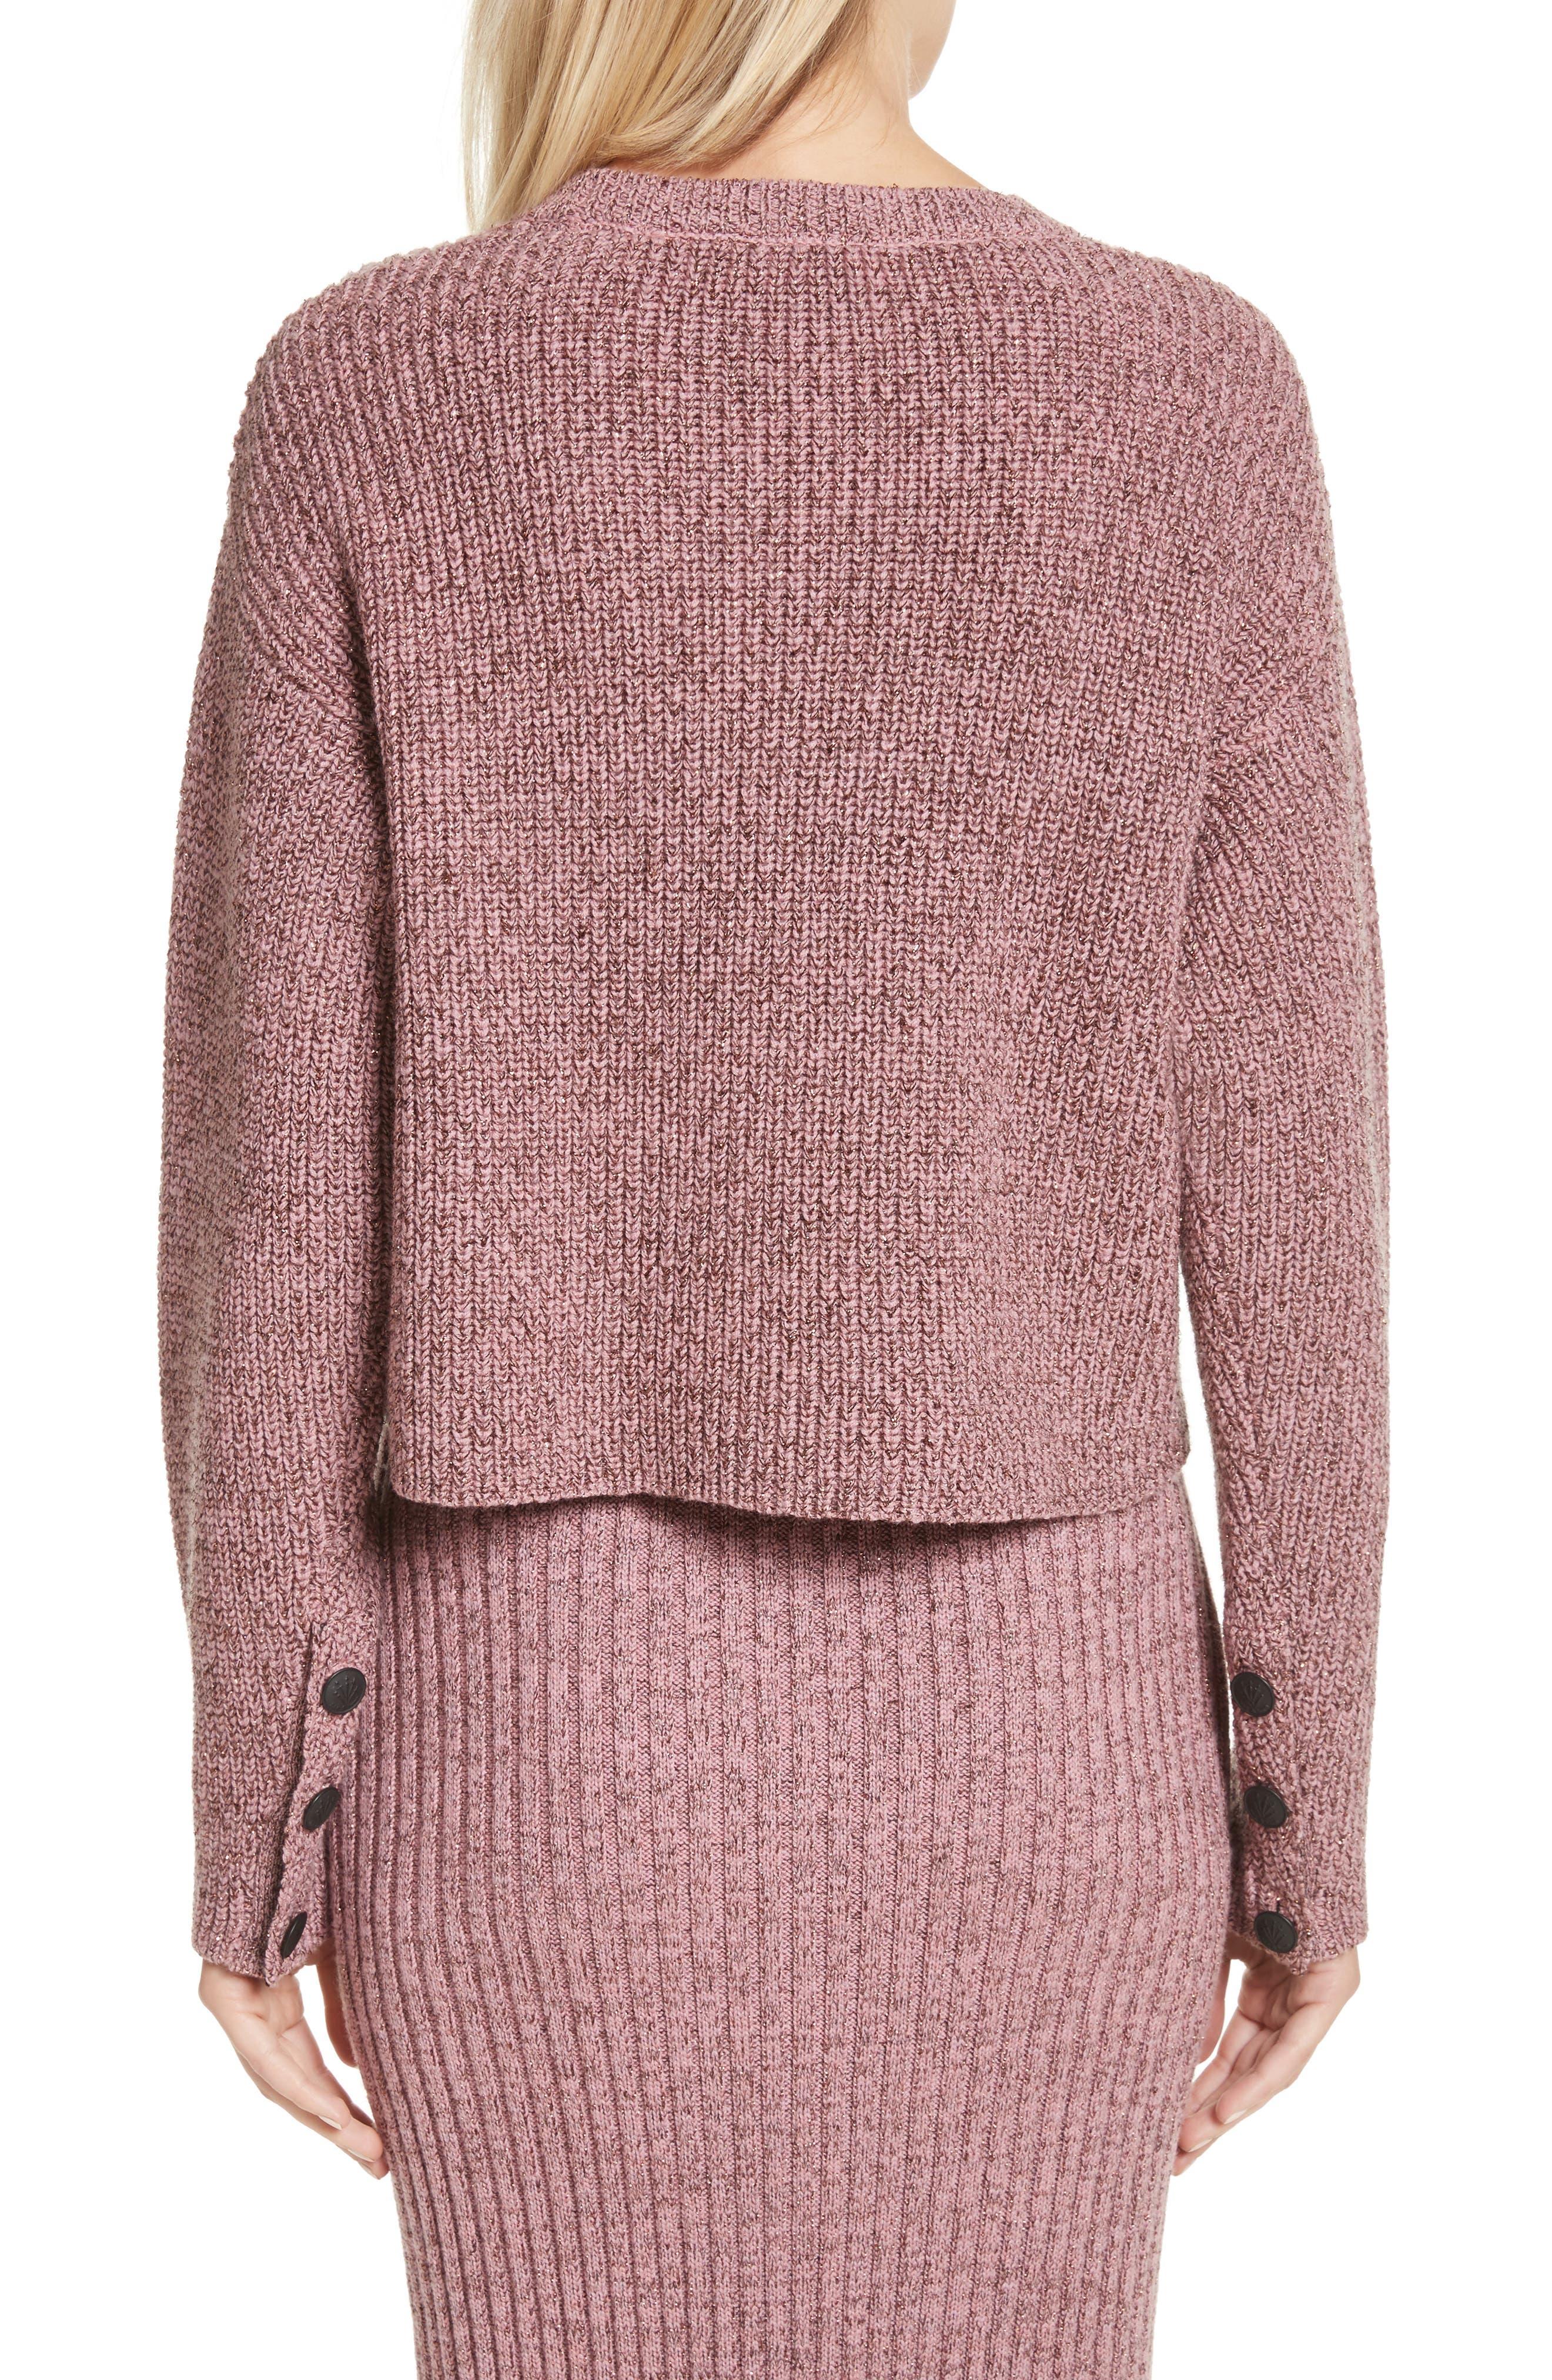 Alternate Image 3  - rag & bone Leyton Metallic Knit Merino Wool Blend Sweater